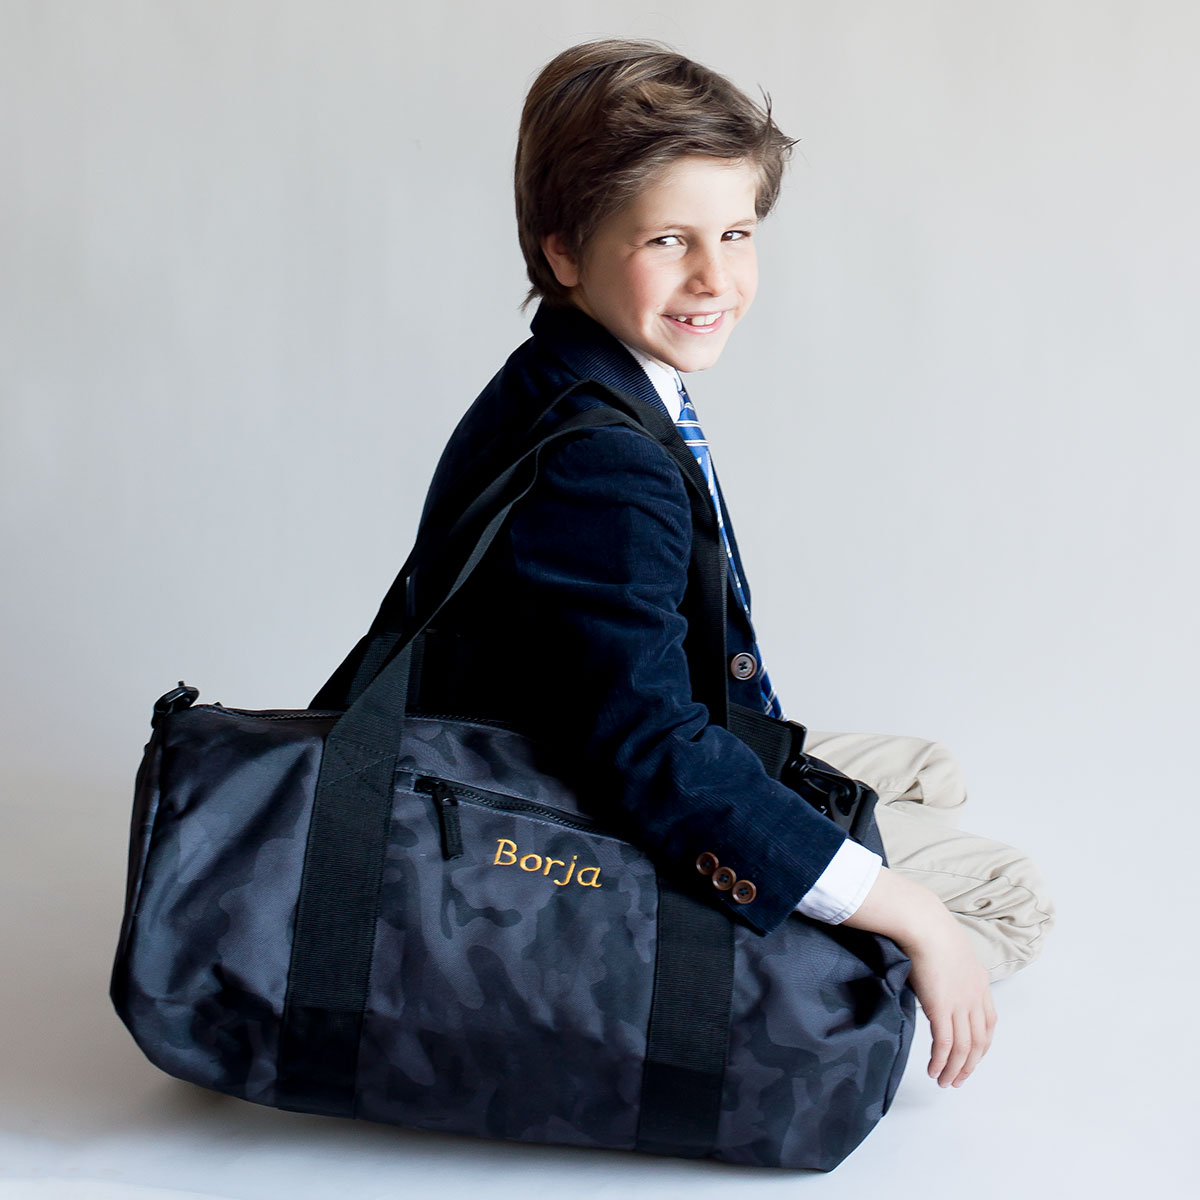 bolsa personalizada para niños